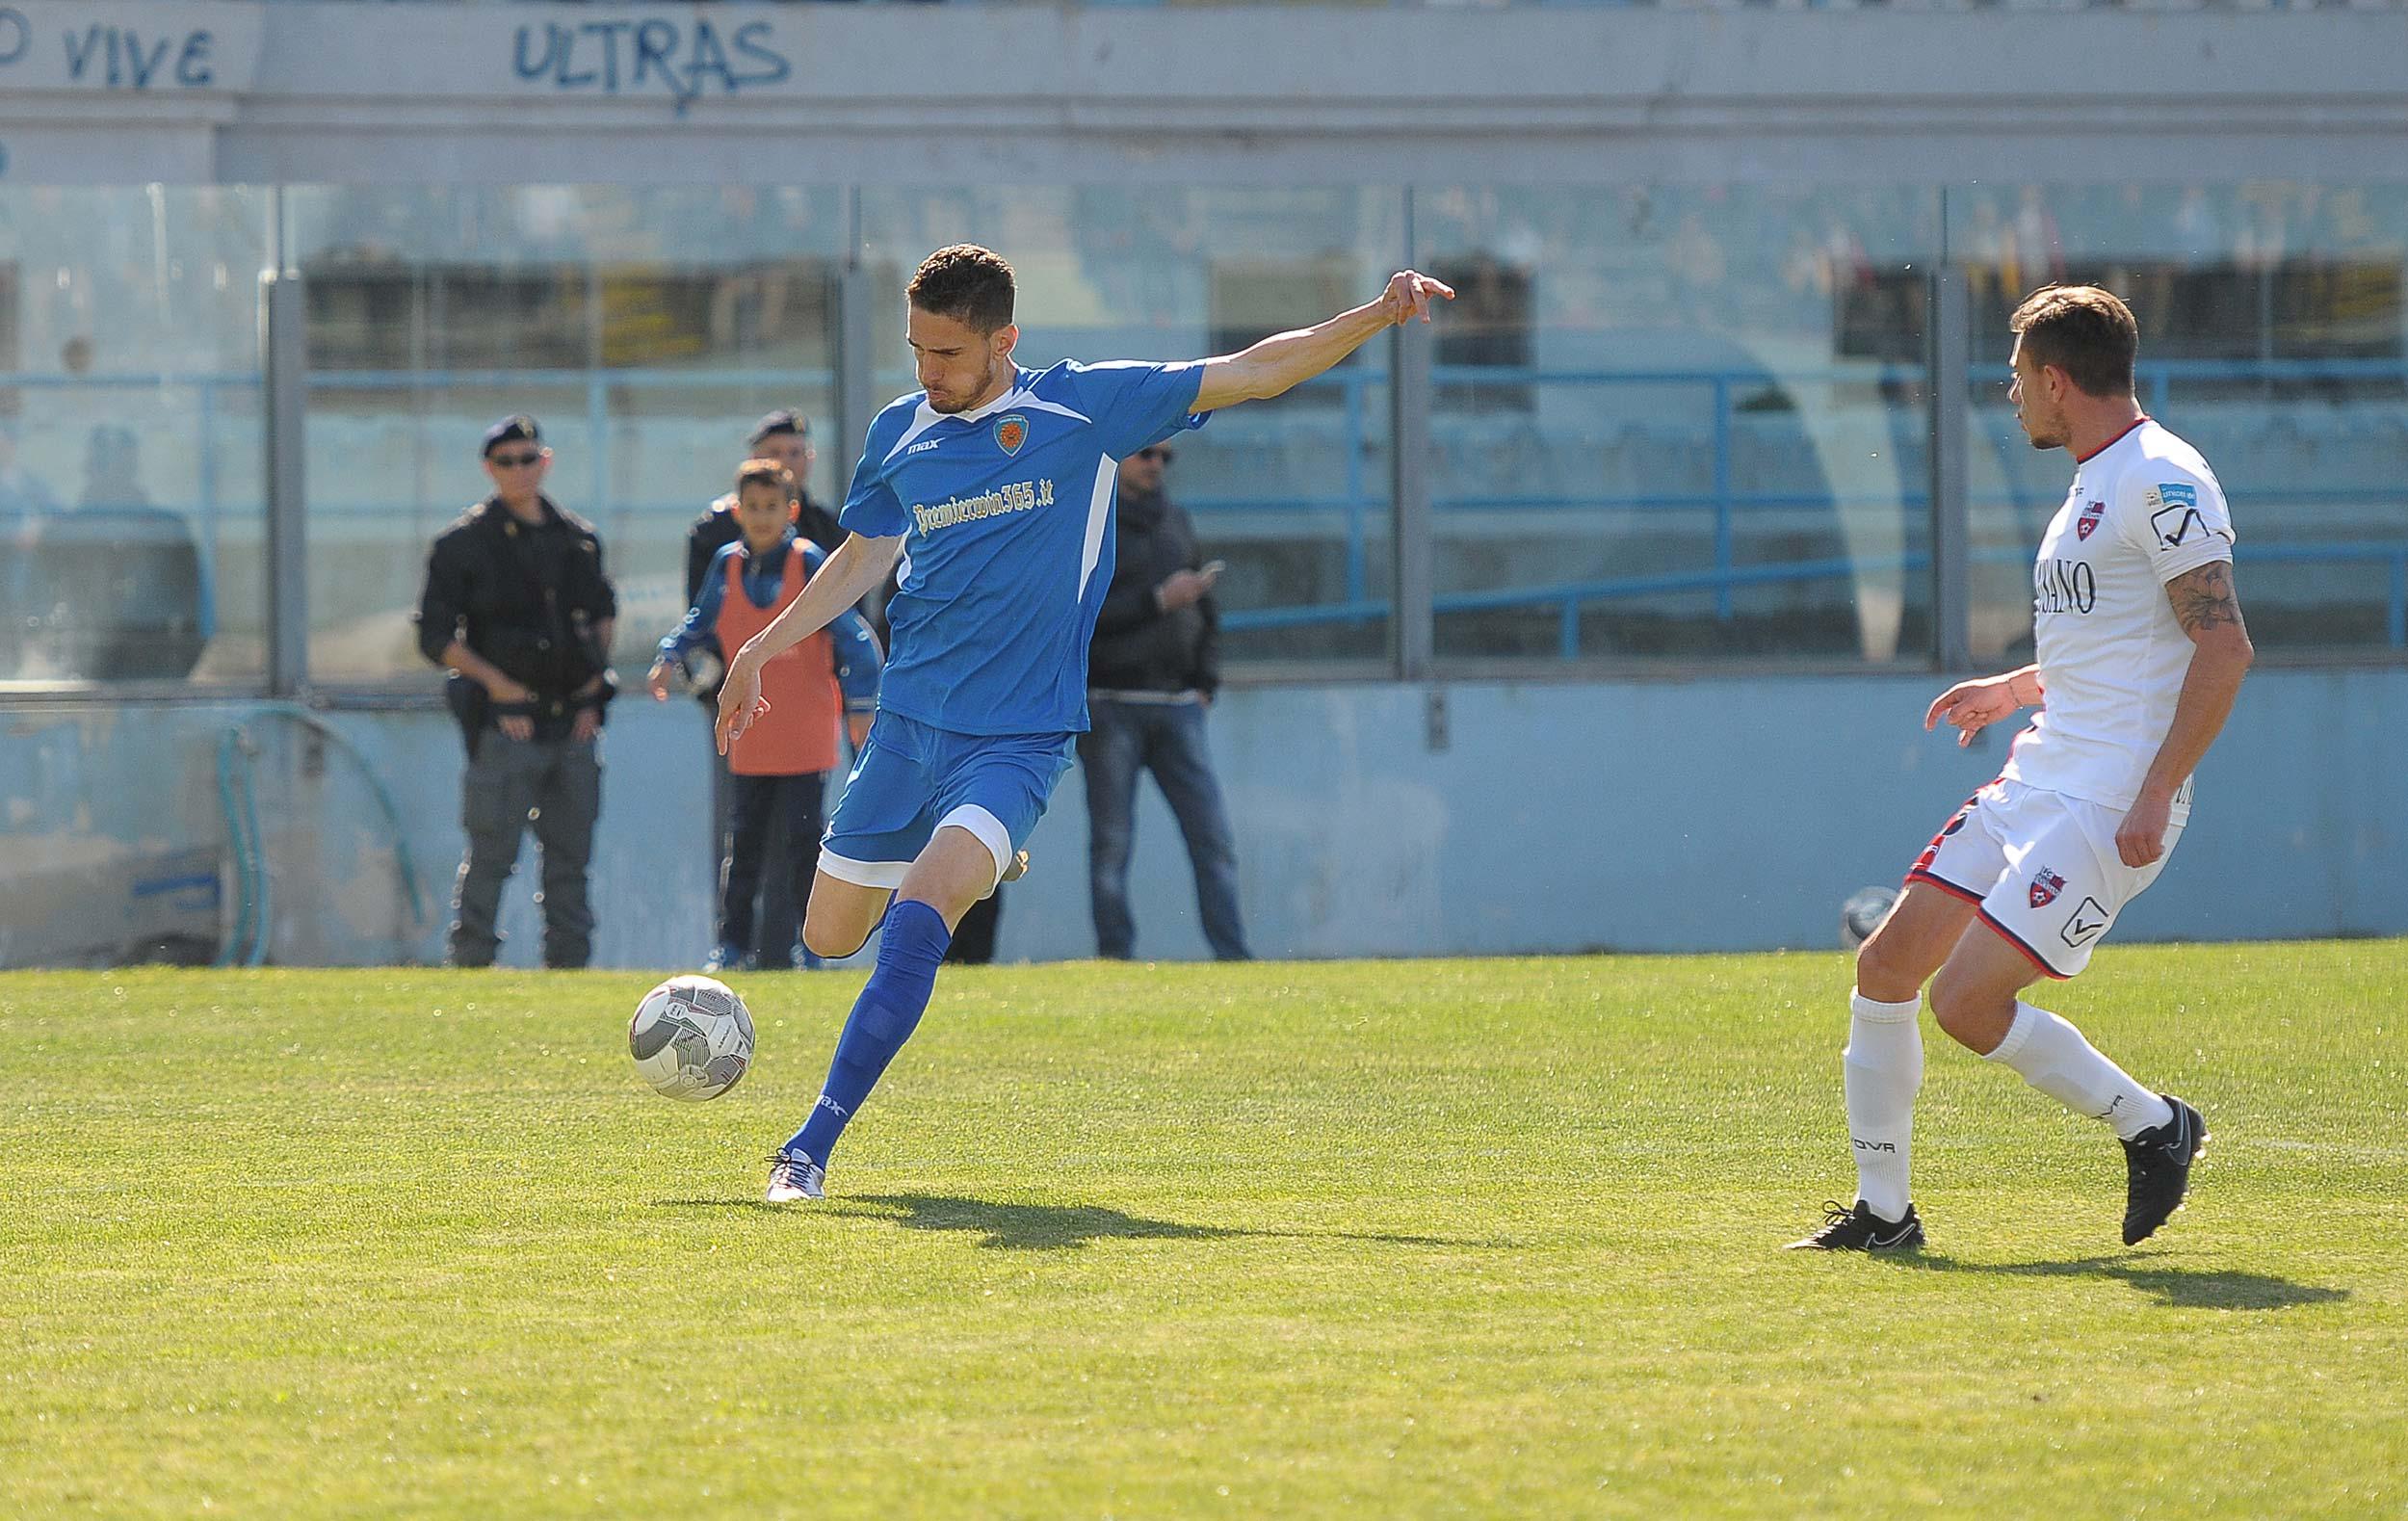 Scardina regala al Siracusa un'altra vittoria: il Fondi resiste per 84 minuti (fotoservizio di Ivano Siringo)